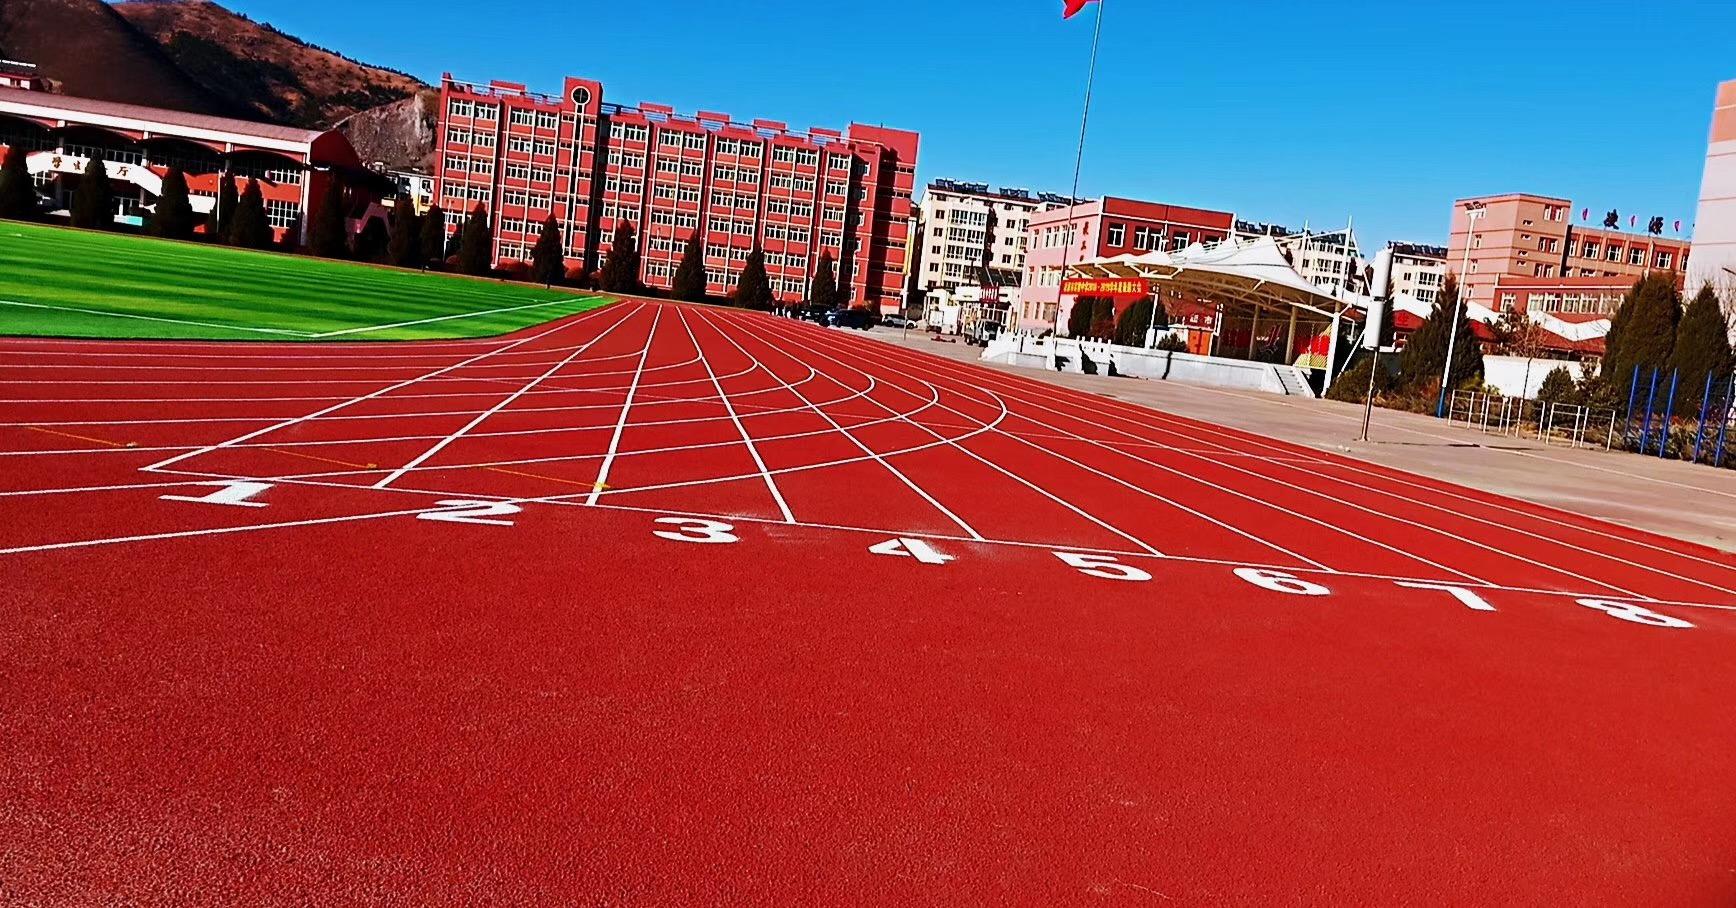 荣跃体育给您分享超实用塑胶跑道施工工艺!